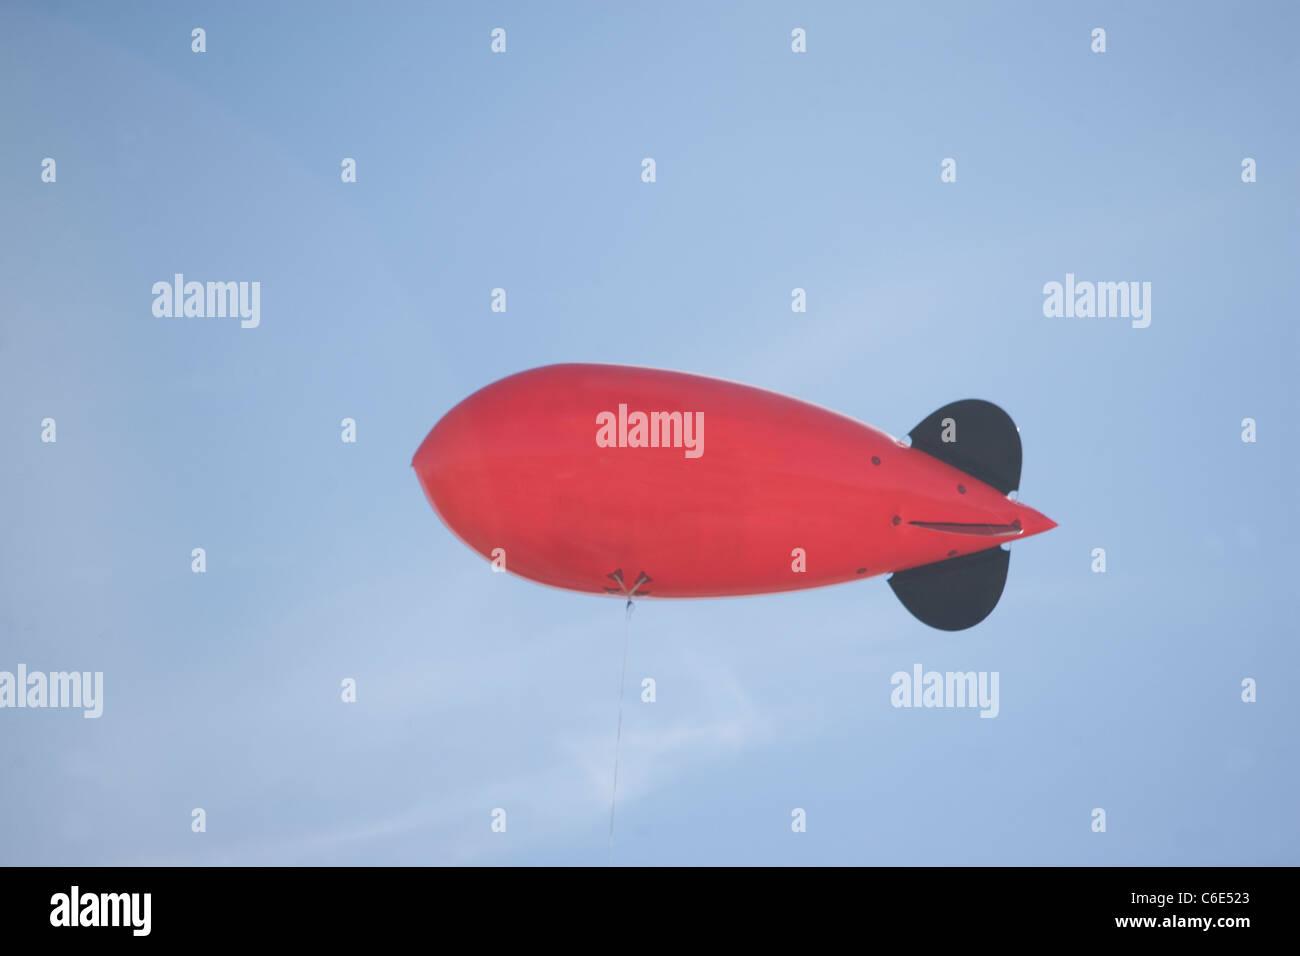 USA, New York State, New York City, flying advertising blimp - Stock Image